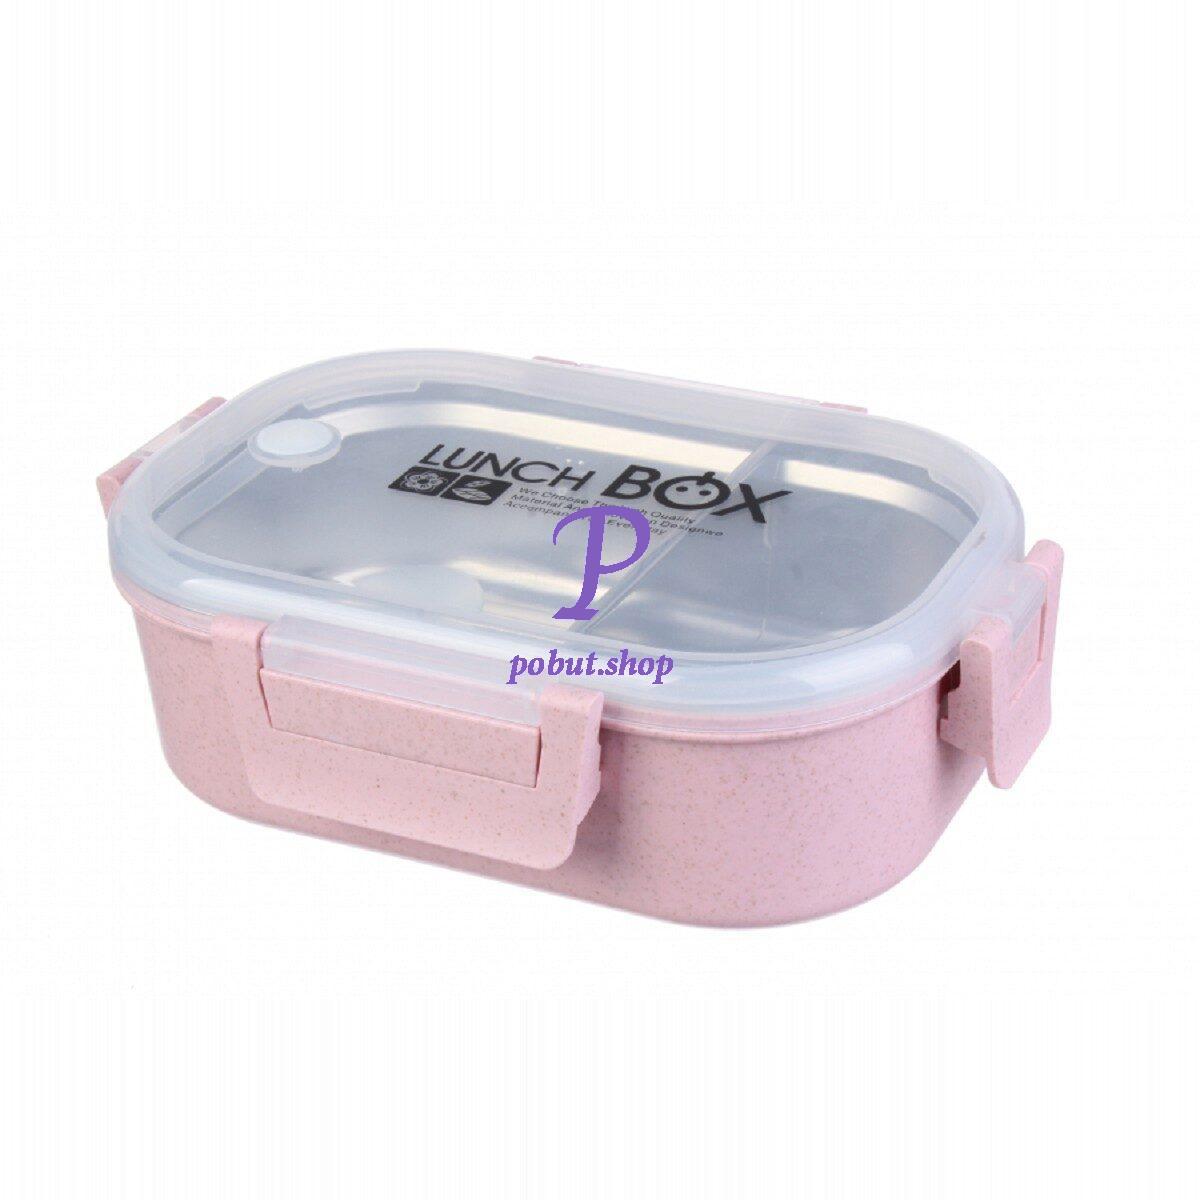 Ланч-бокс з сталевим відсіком 600мл, рожевий